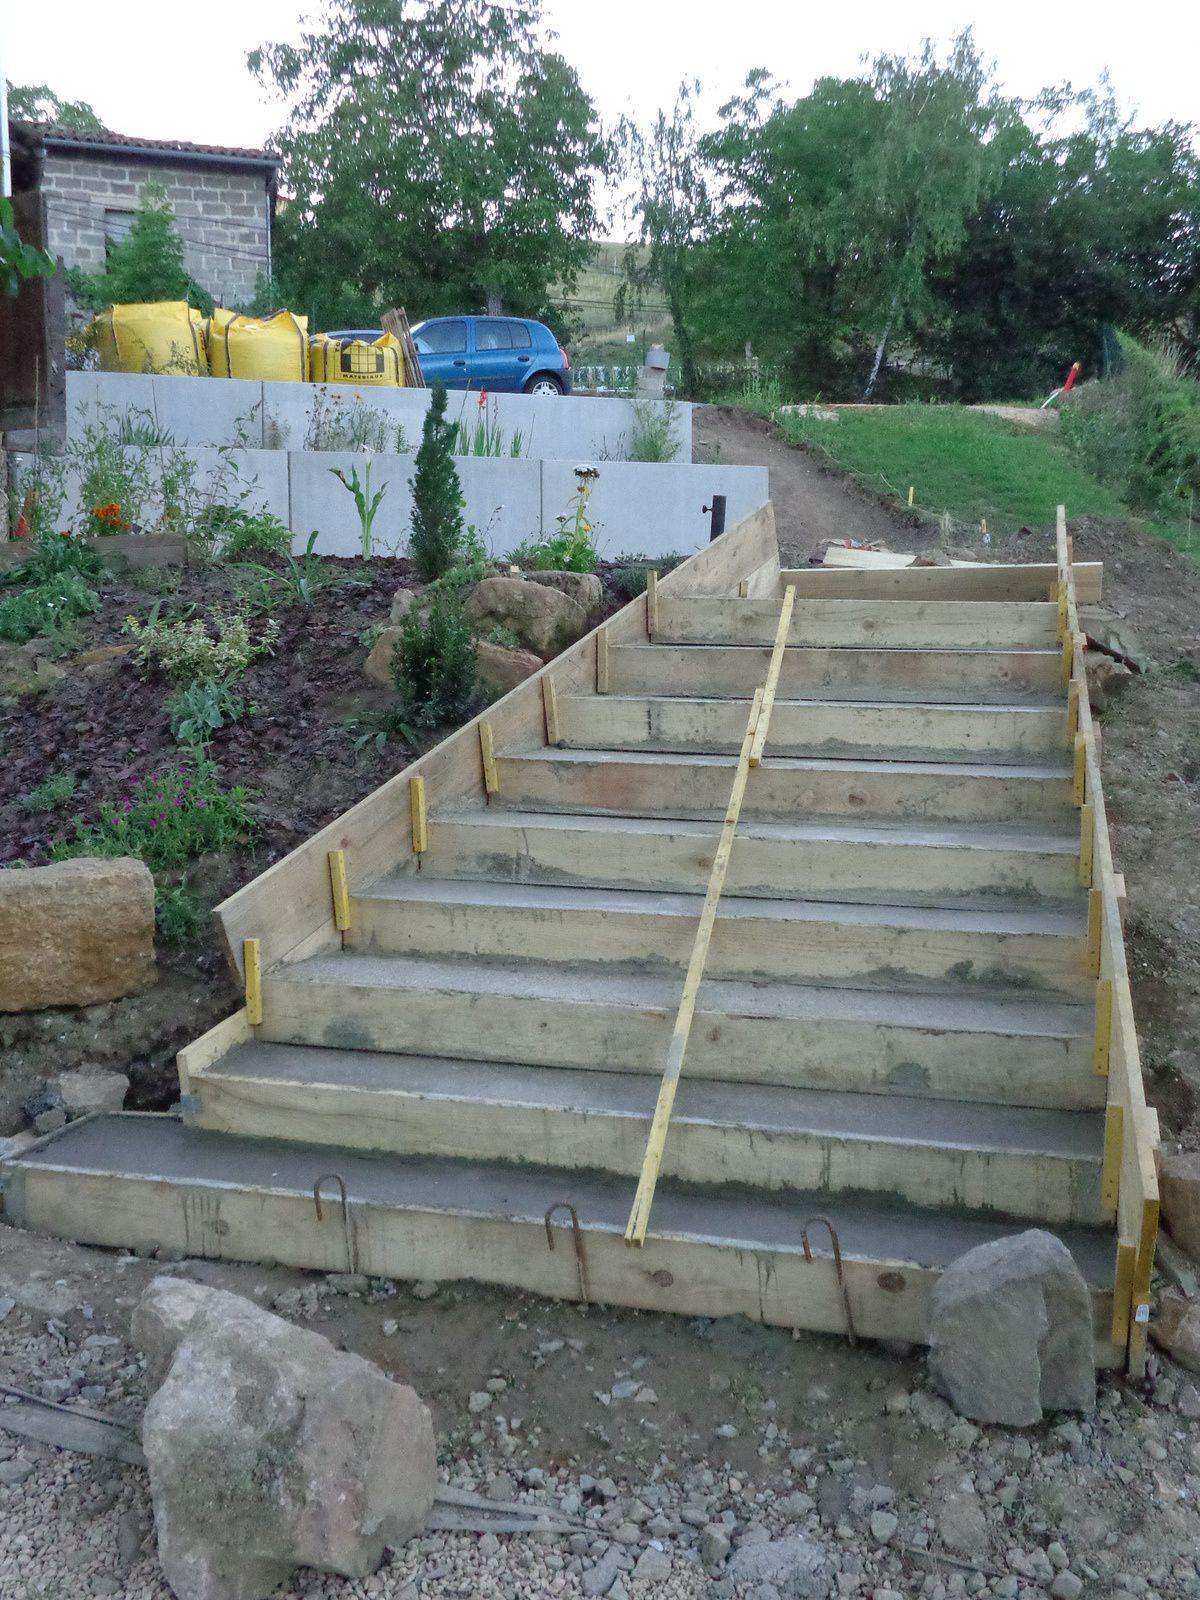 Exterieurs Escalier Escalier De Jardin Escalier Exterieur Renover Escalier